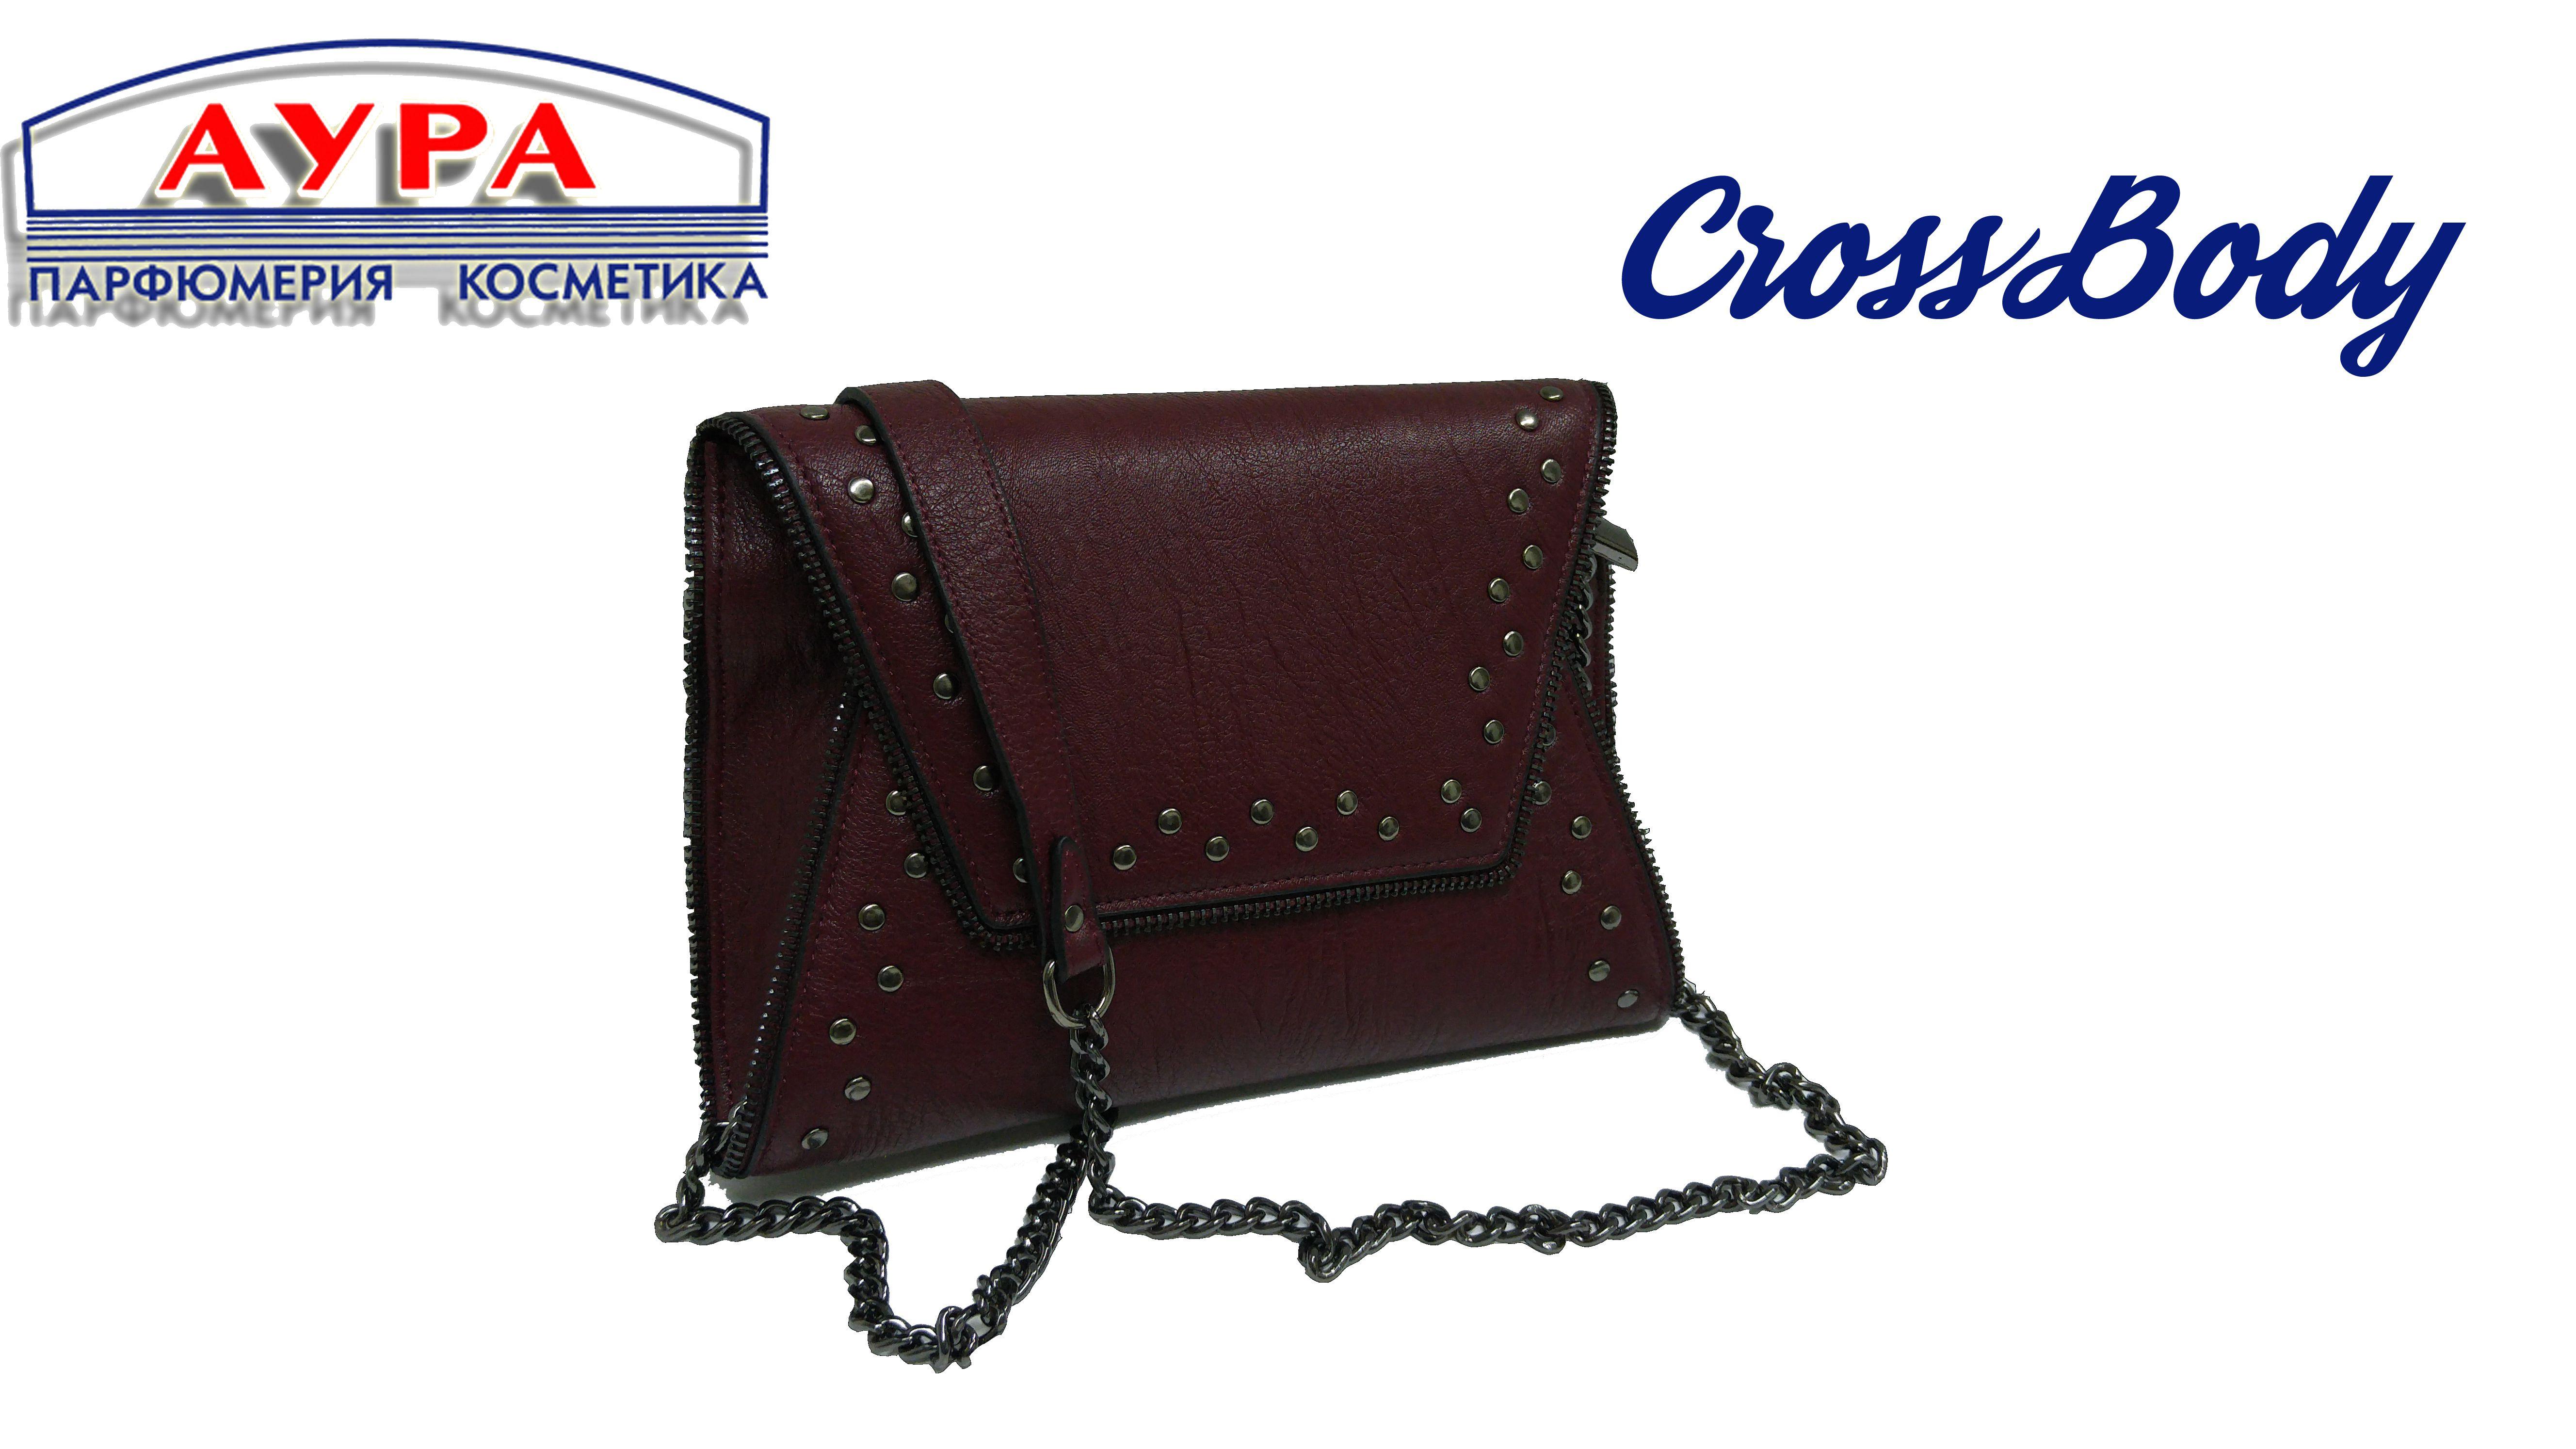 531db4594fd7 Новая коллекция ультрамодных сумок CrossBody по крайне демократичным ...